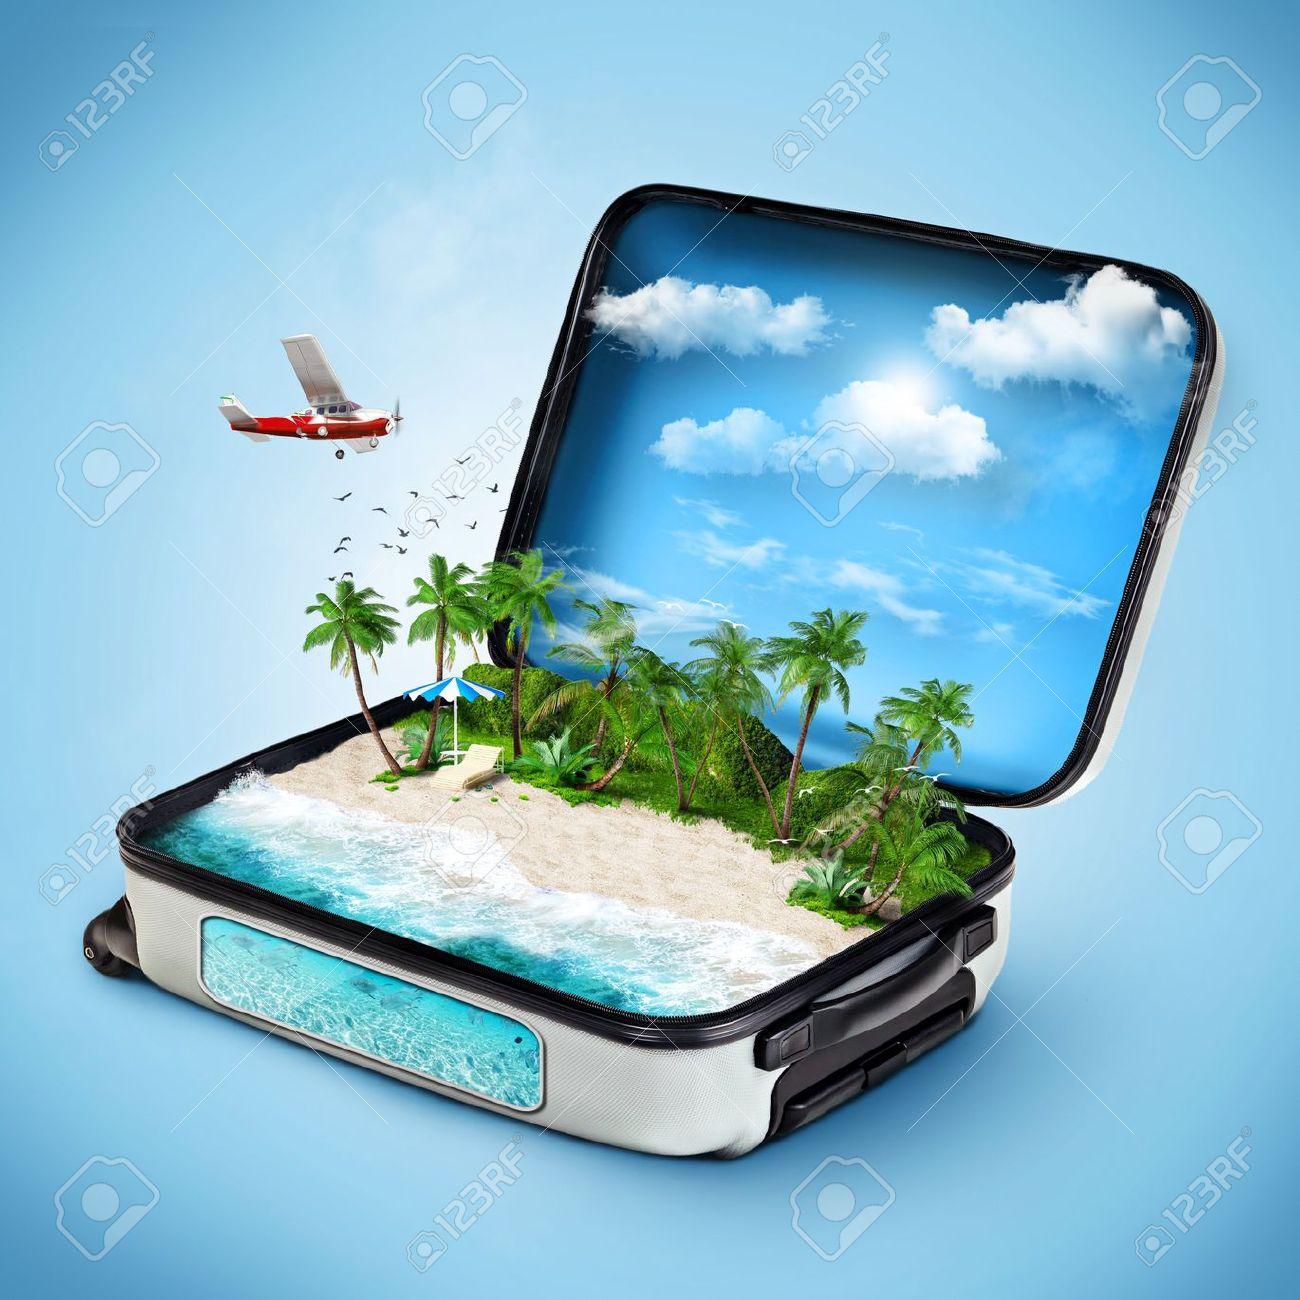 Csomagolás utazáshoz